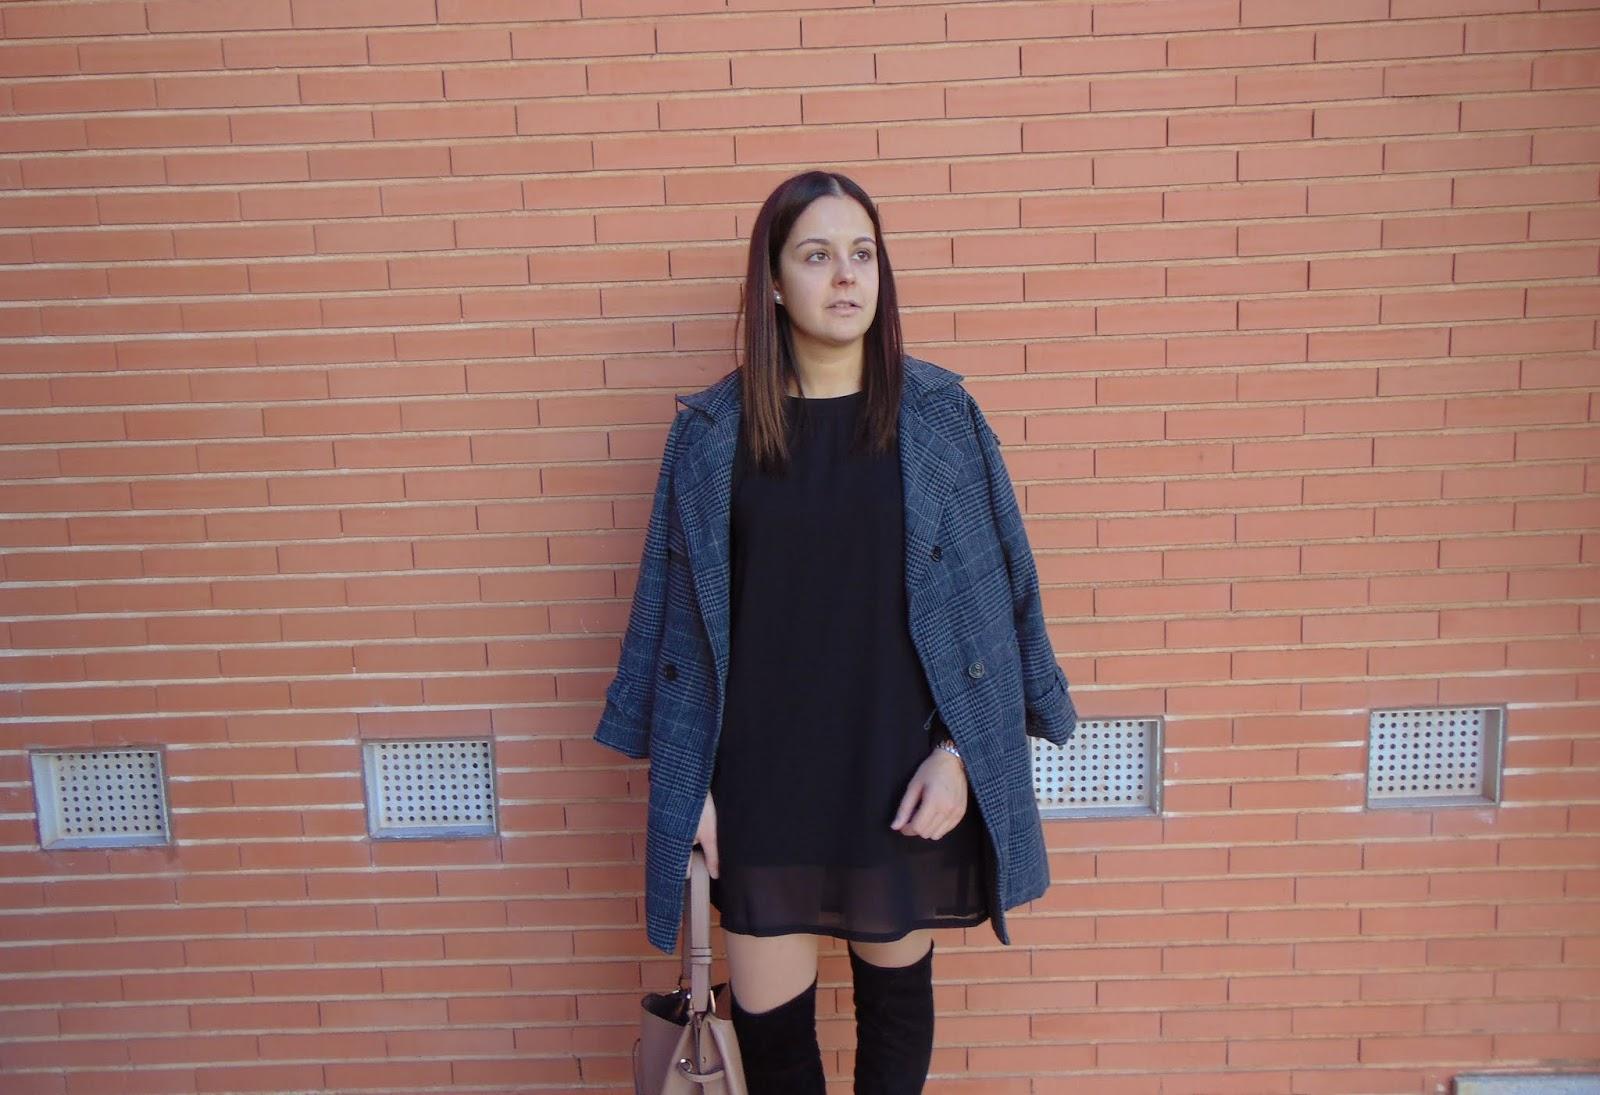 Vestido negro con botas camel